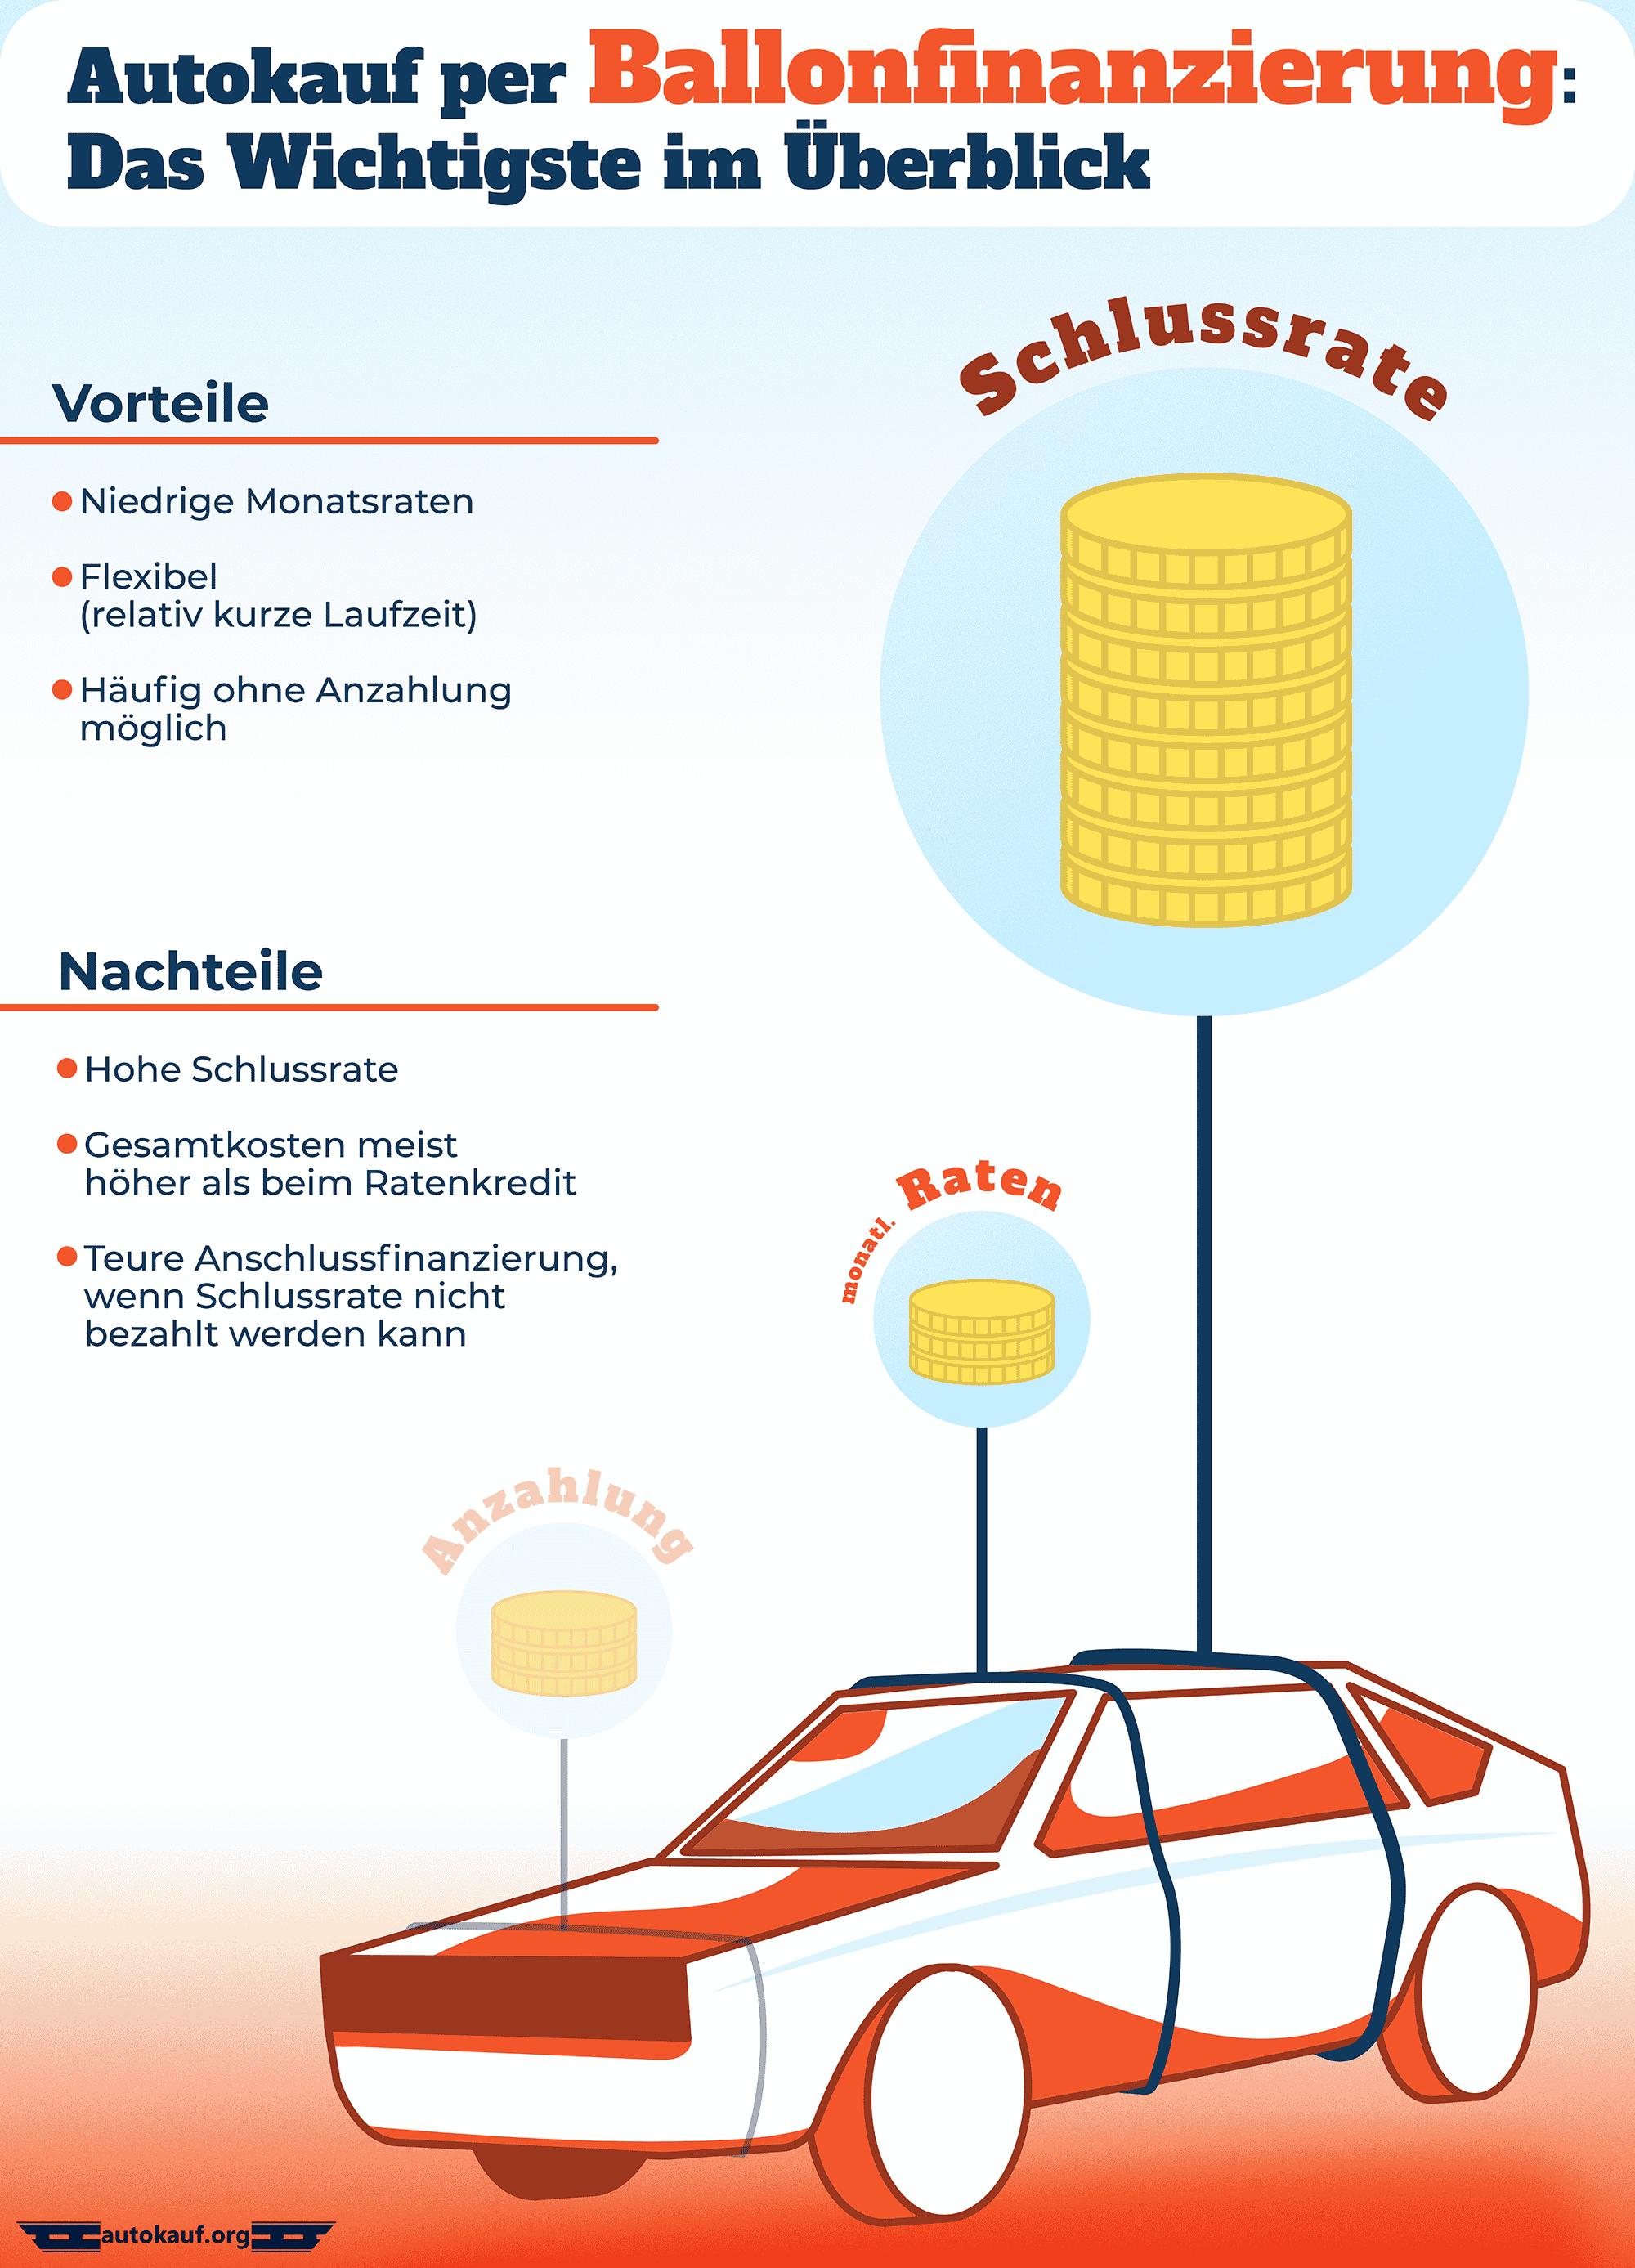 Das Wichtigste zur Ballonfinanzierung fasst die Infografik zusammen.